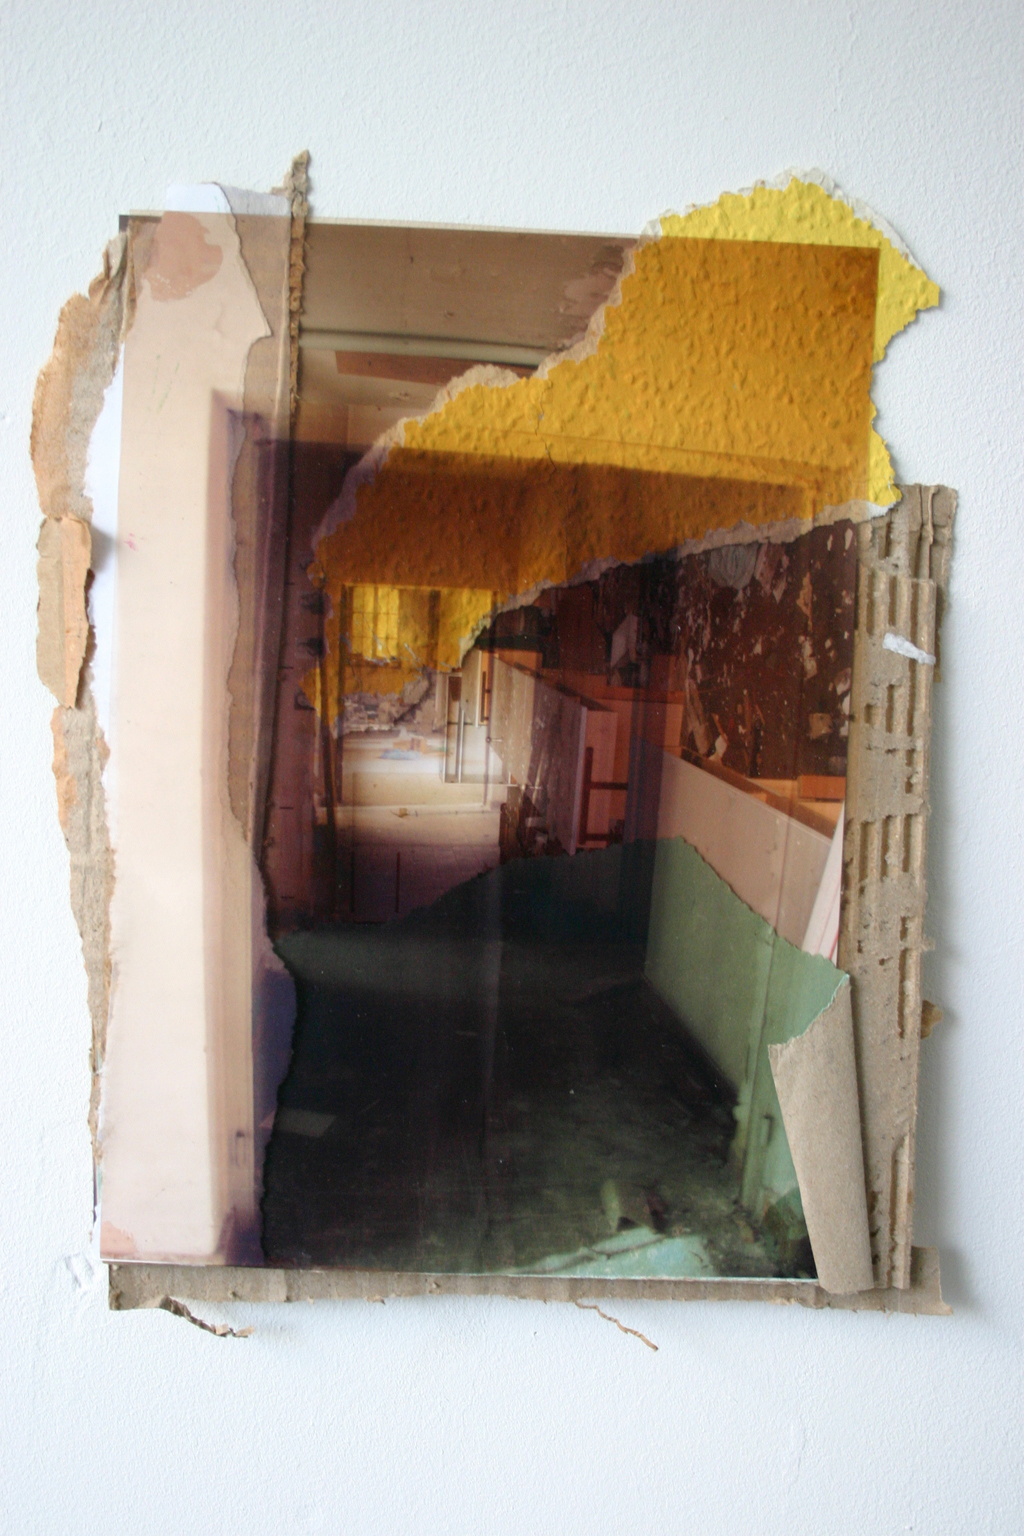 werbellinsee-3, 24 x 30 cm, collage, 2008, Jane Hughes